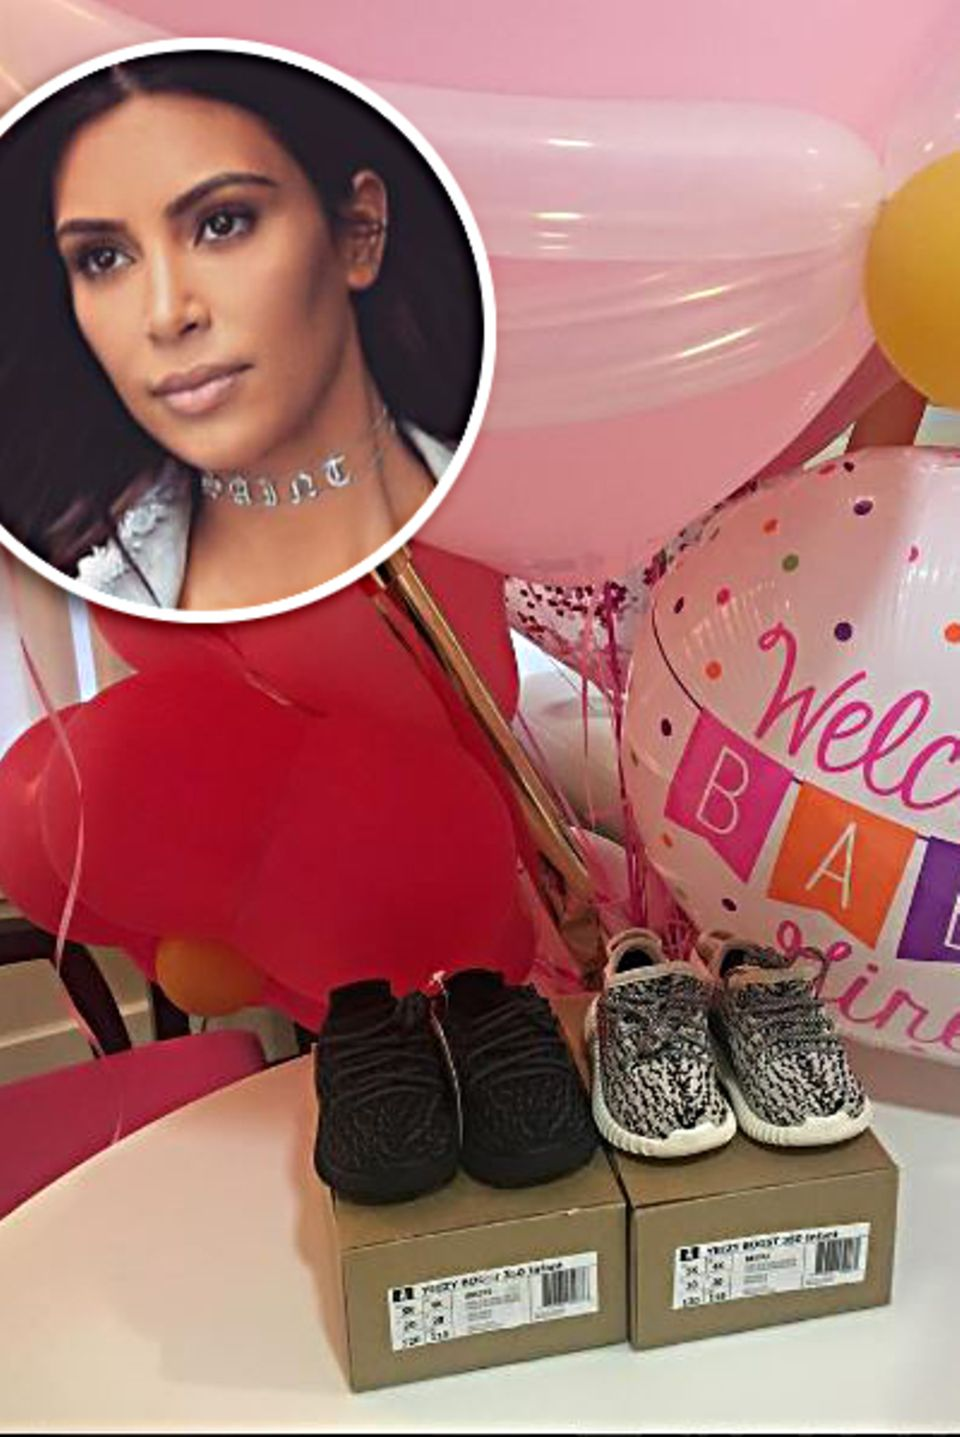 12. November 2016   Das Baby ist da! Rob Kardashian und Blac Chyna sind frisch gebackene Eltern. Es flattern auch schon die ersten Geschenke für Baby Dream Renee Kardashian ein. Kim Kardashian und Kanye West kümmern sich um den richtigen Style und schenken ihr die ersten Sneakers. Auch wenn man von ihrer Tante Kim nicht viel hört, ist sie offensichtlich doch in die Familienevents involviert. Es gibt also Hoffnung bald wieder direkt von ihr zu hören.